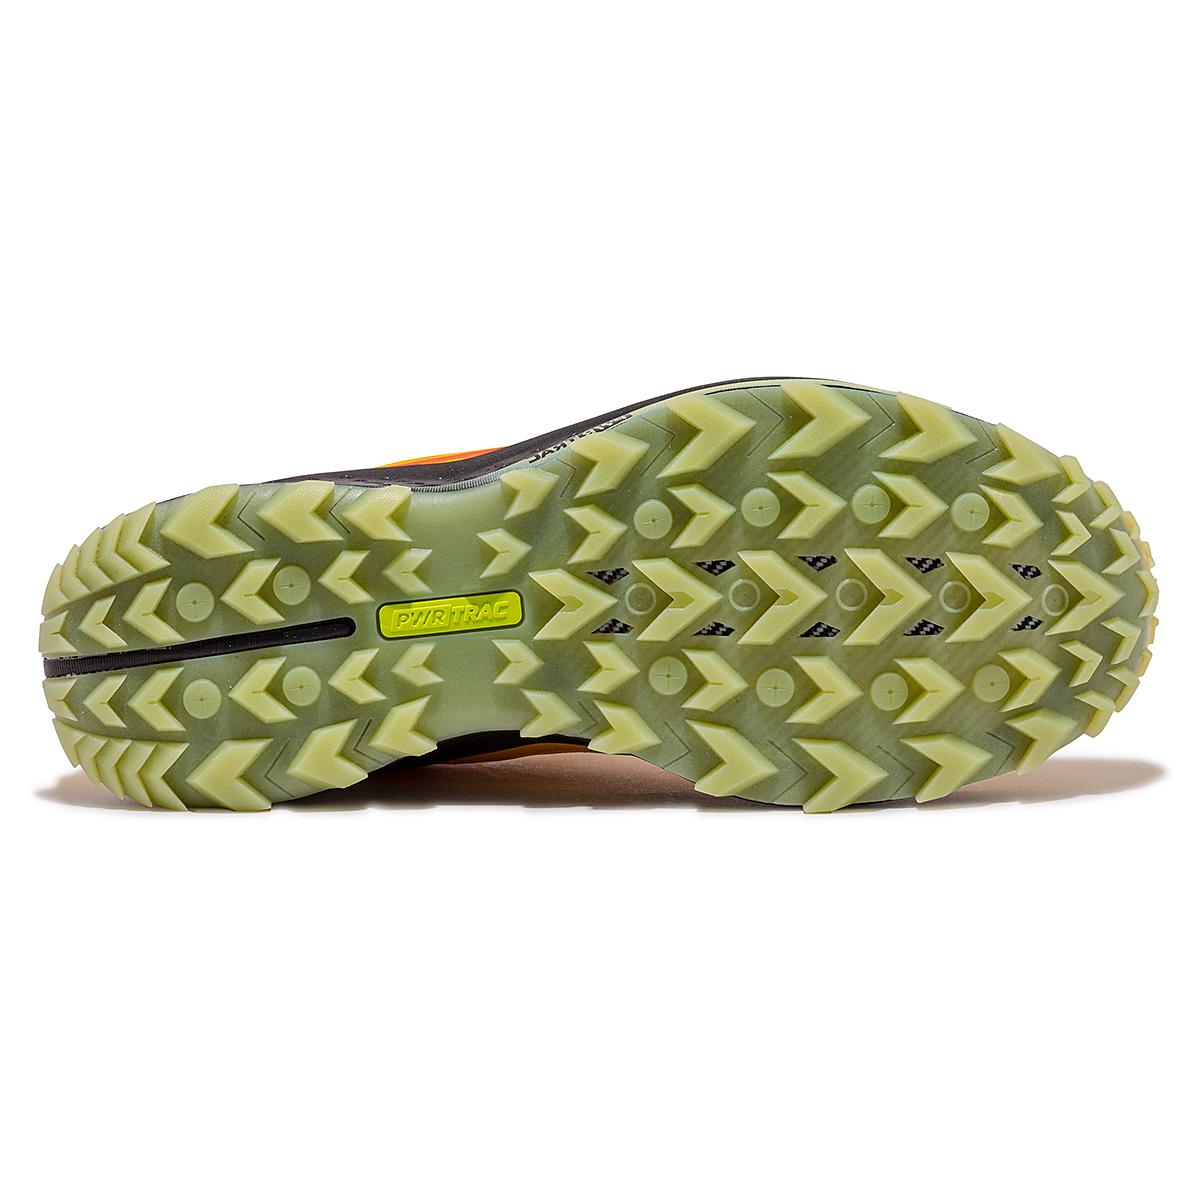 Men's Saucony Jackalope 2.0 Peregrine 10 Trail Running Shoe - Color: Jackalope - Size: 7 - Width: Regular, Jackalope, large, image 3